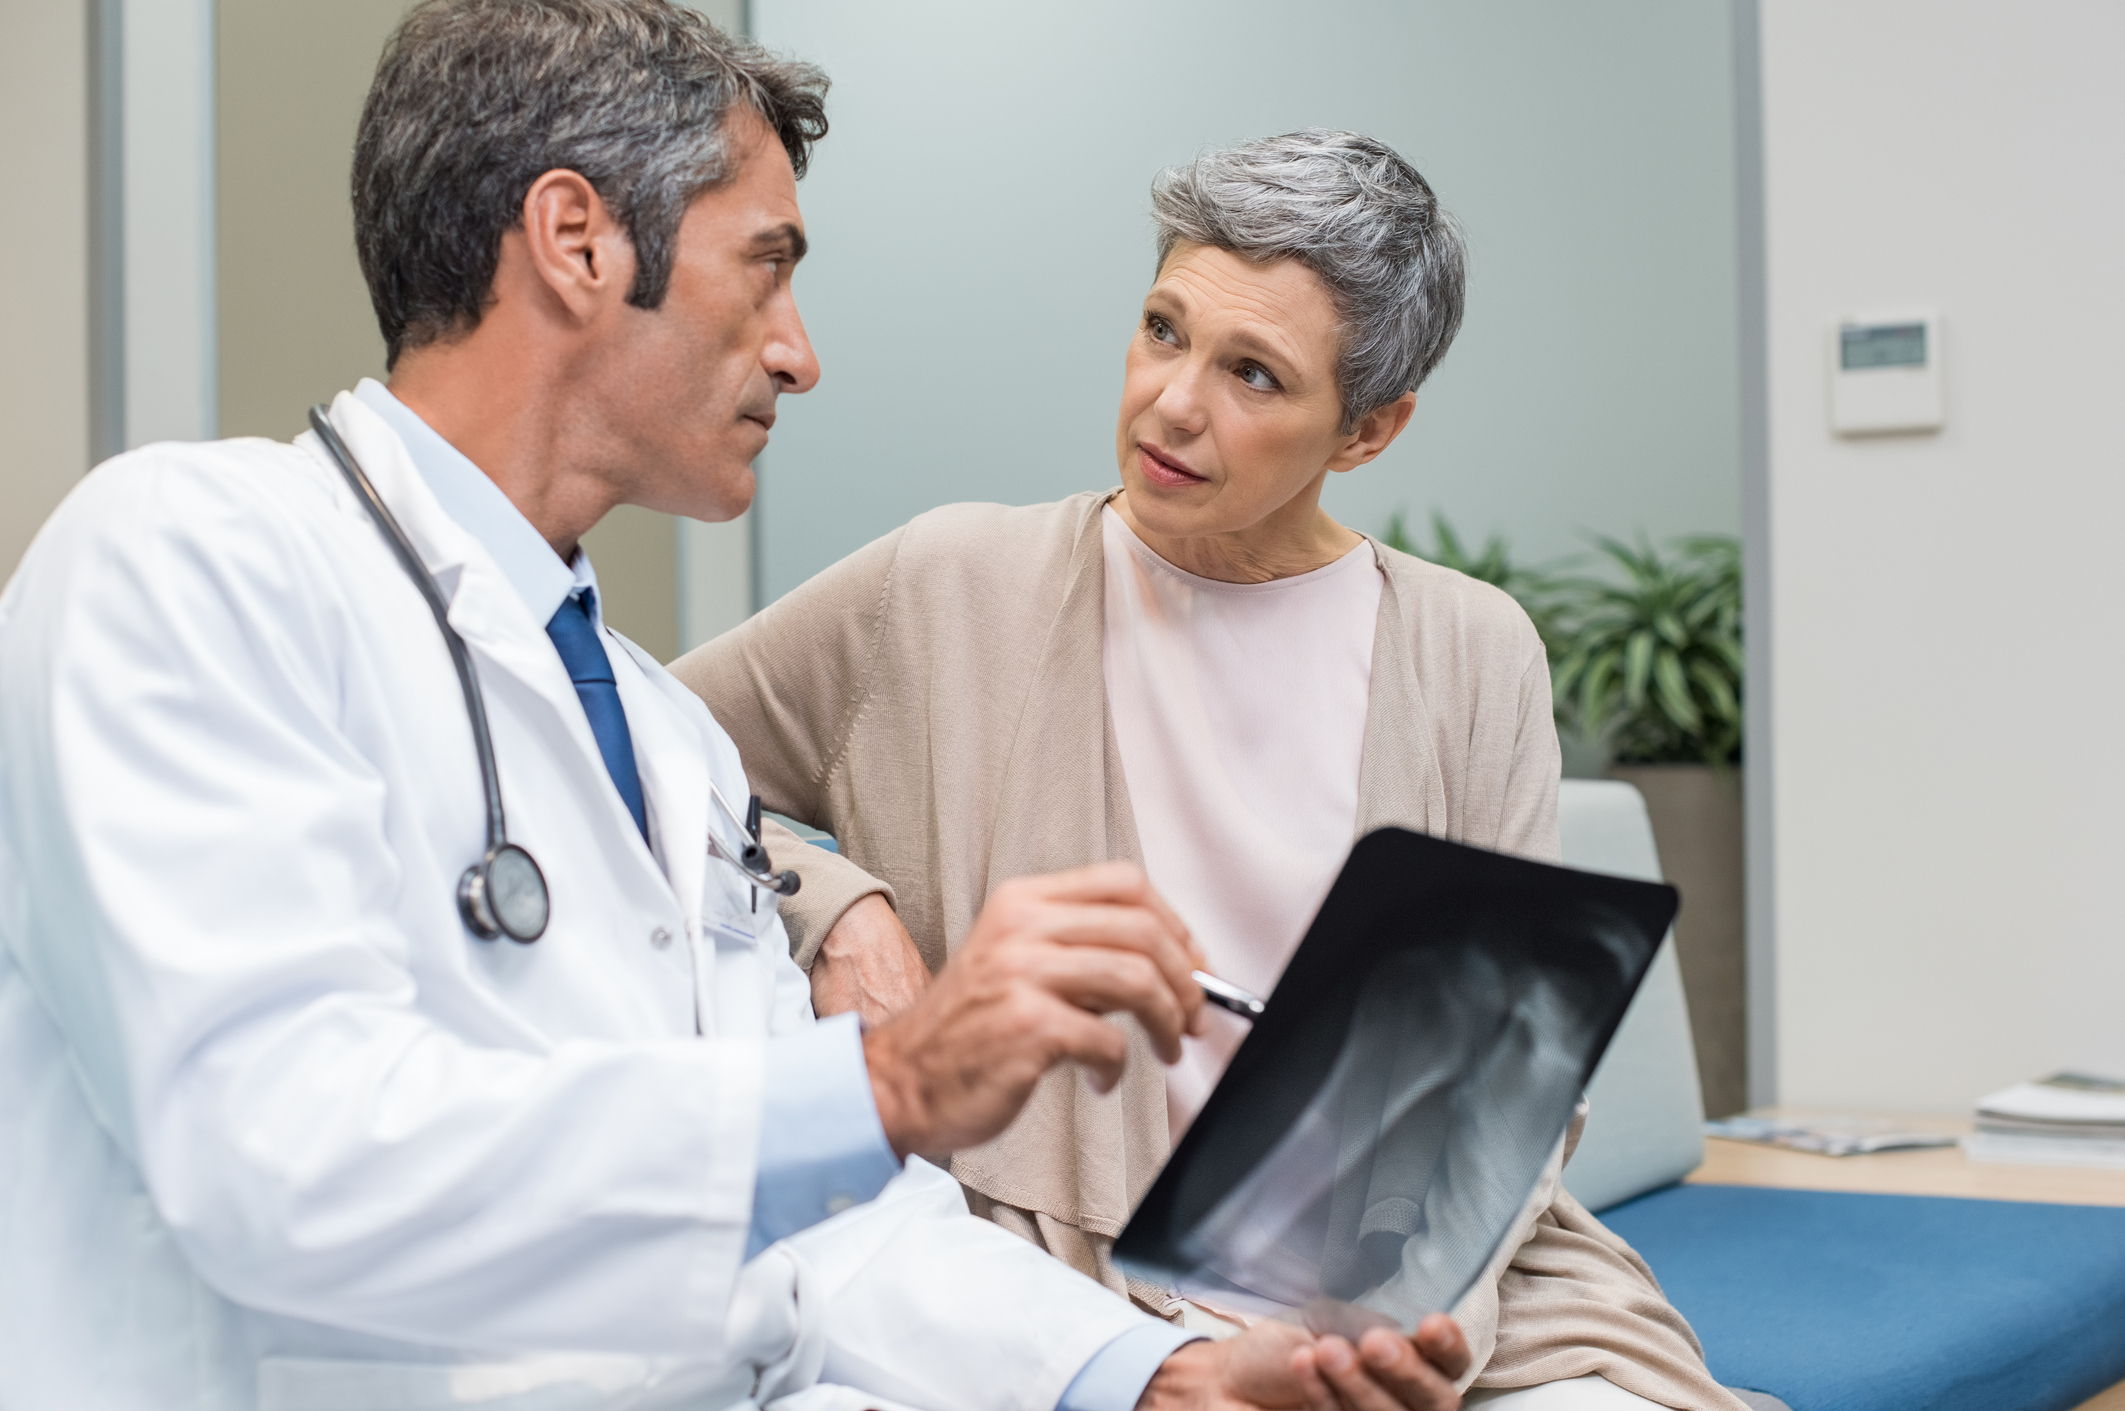 A osteoporose é uma doença que acomete principalmente as mulheres, quando chegam a uma certa idade. Veja dicas para se prevenir contra a osteoporose.